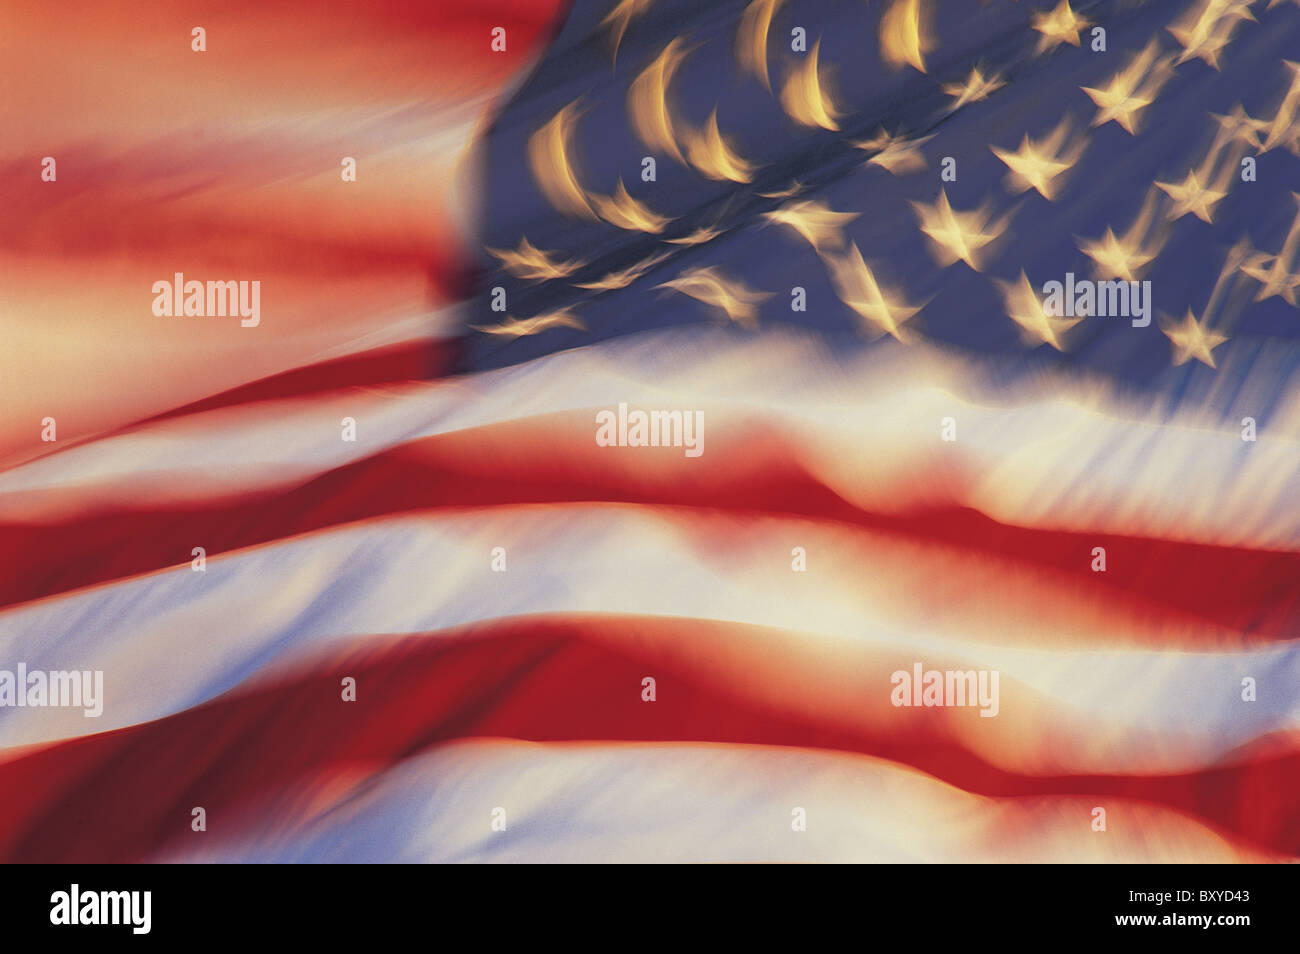 American flag, USA - Stock Image